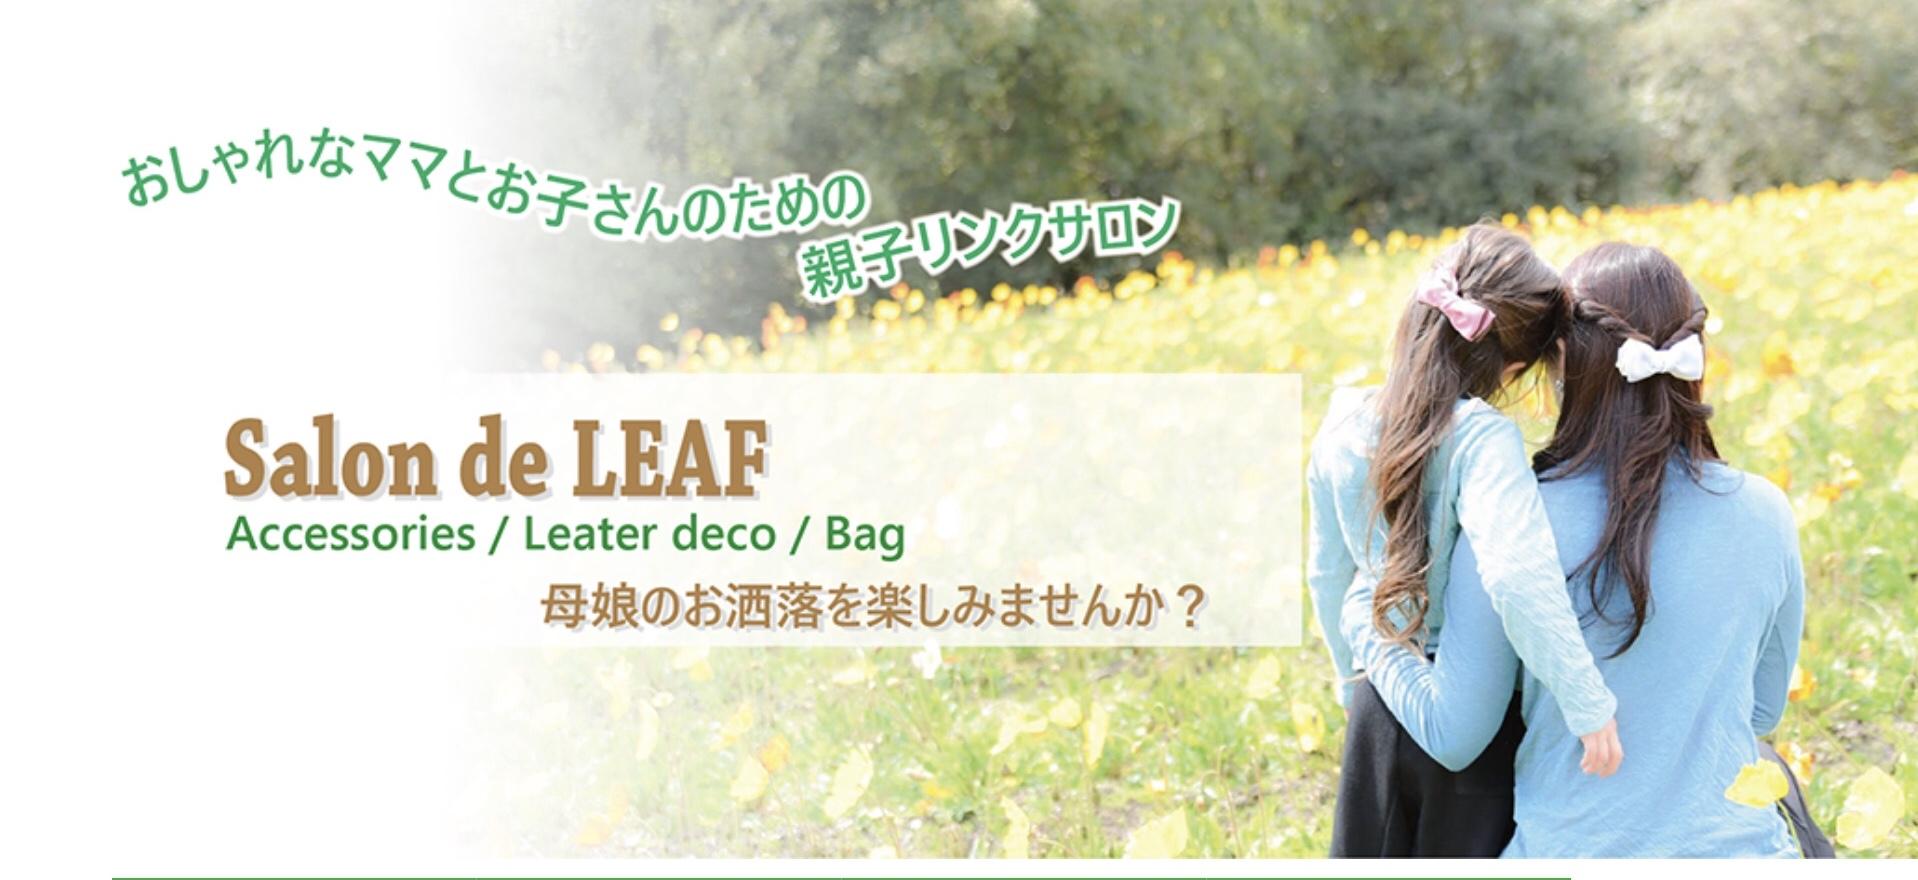 Salon de LEAF 紹介画像2